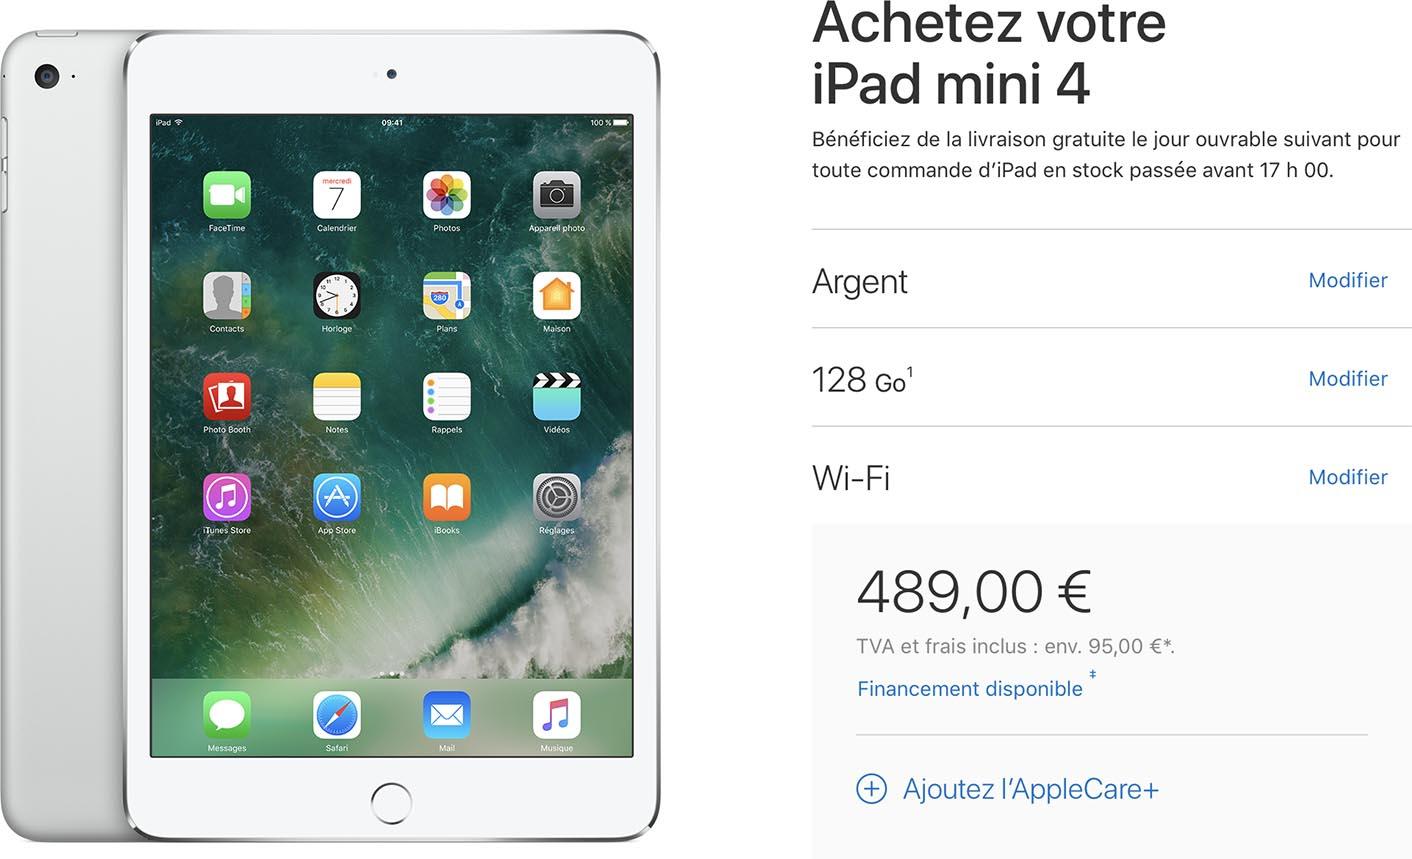 iPad mini 4 Apple Store